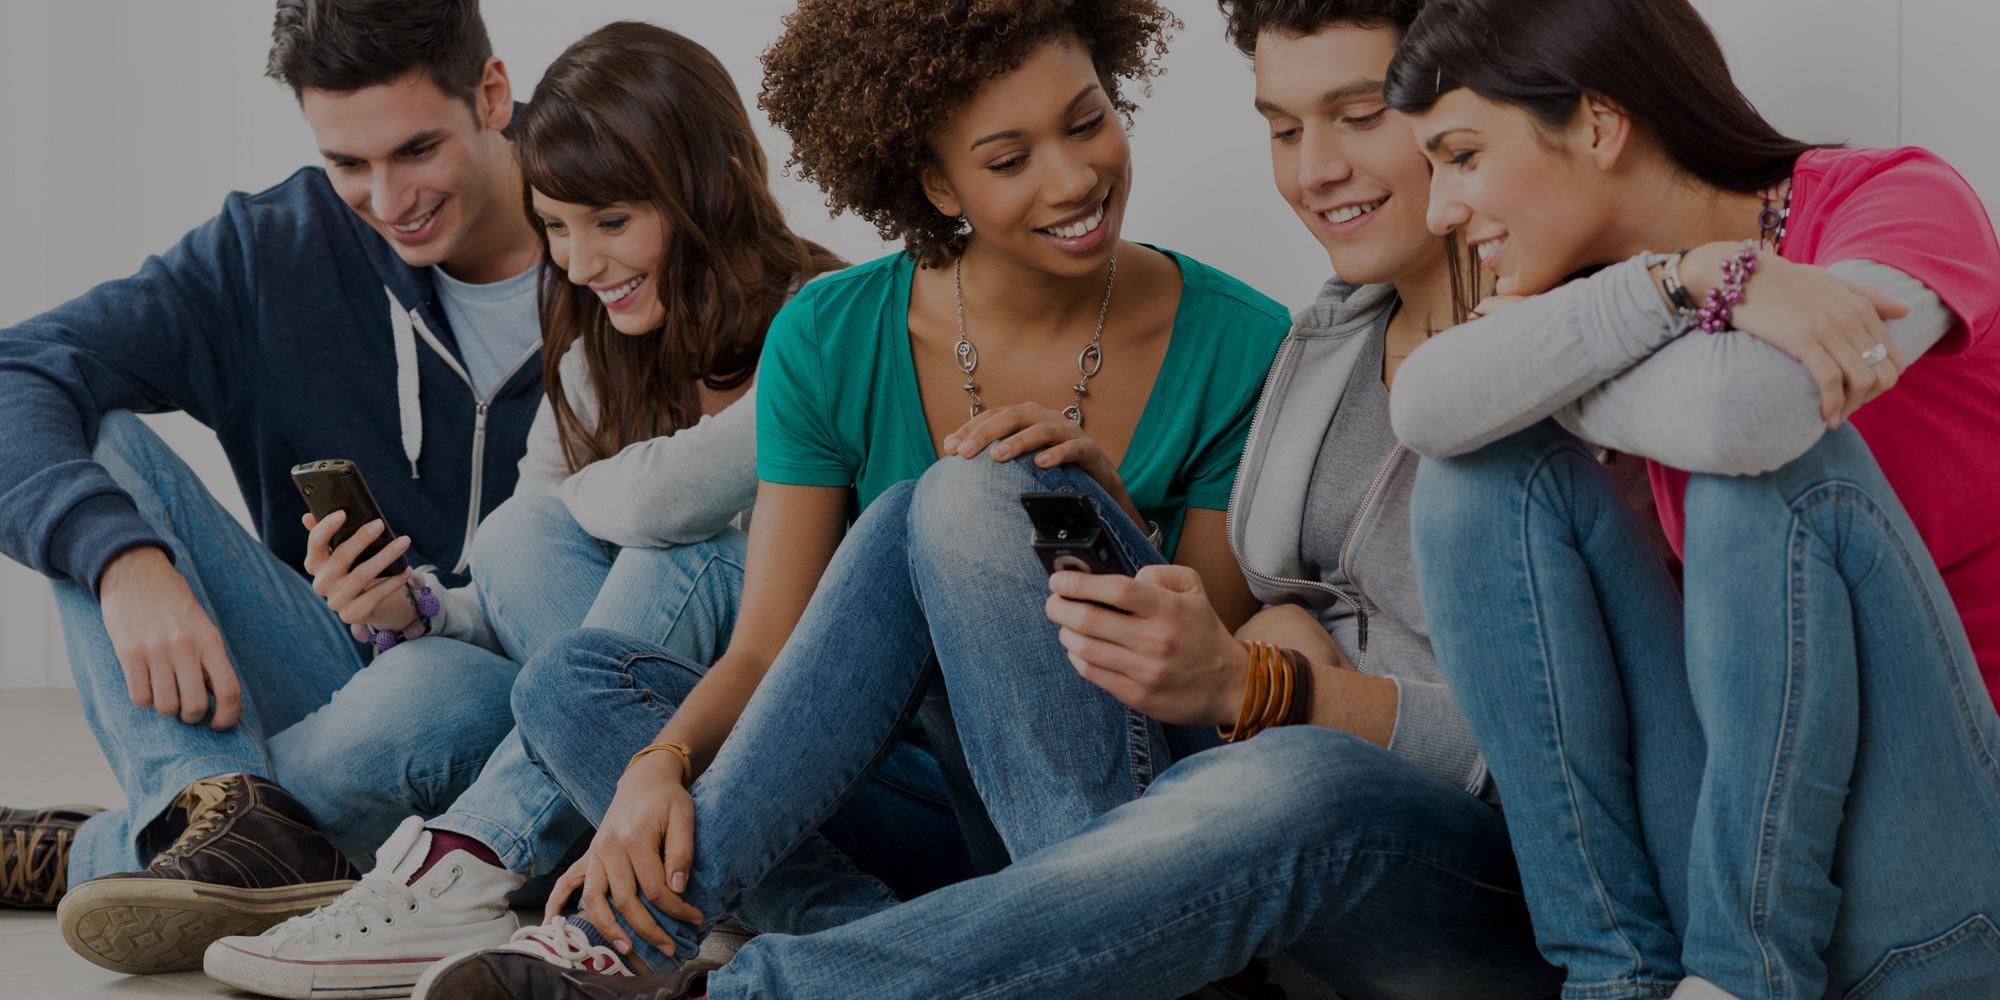 Groupe de jeunes en discussion